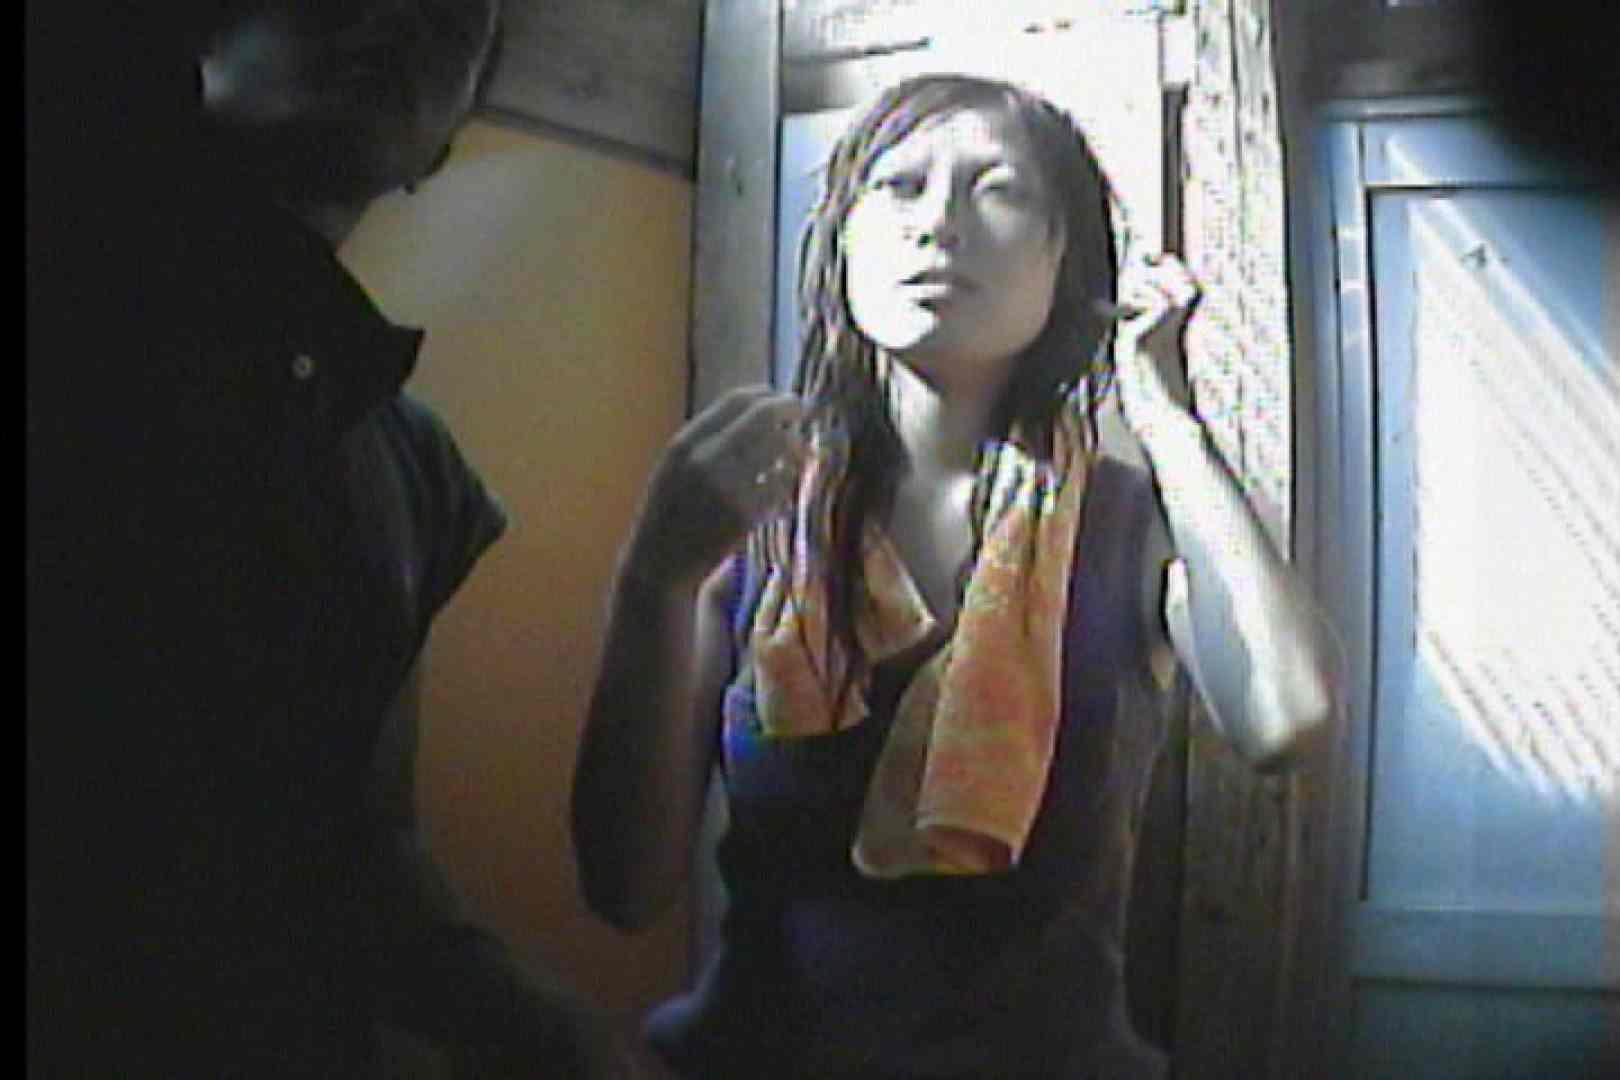 海の家の更衣室 Vol.47 OLの実態 盗撮おまんこ無修正動画無料 95pic 95